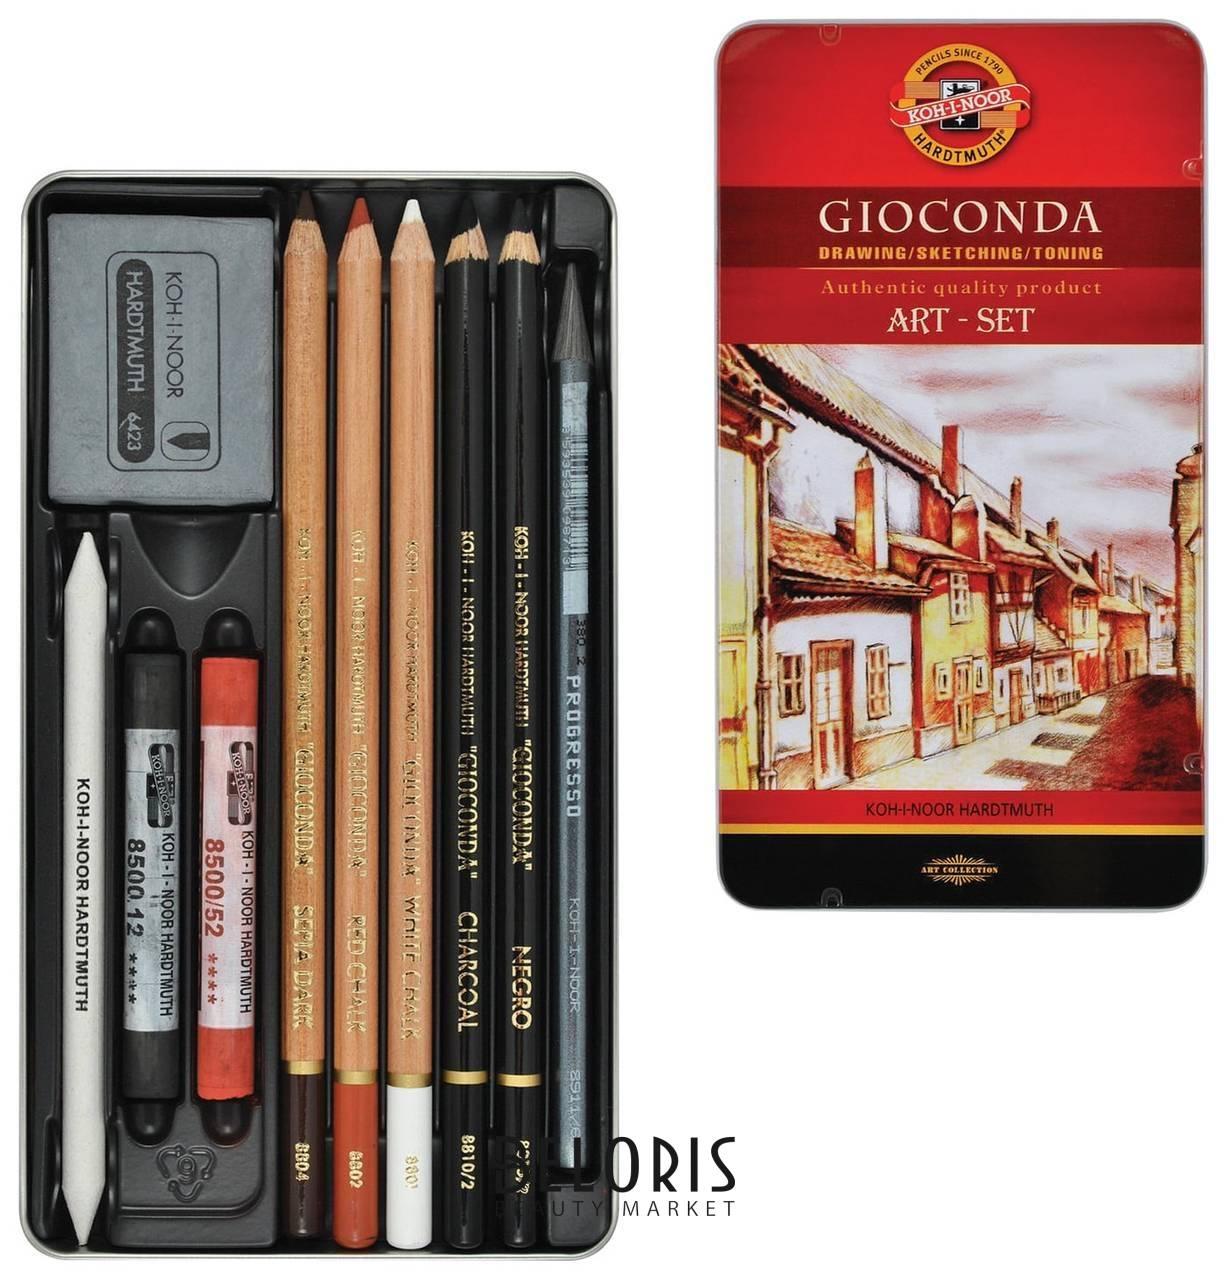 Набор художественный Koh-i-noor Gioconda, 10 предметов, металлическая коробка  Koh-i-noor